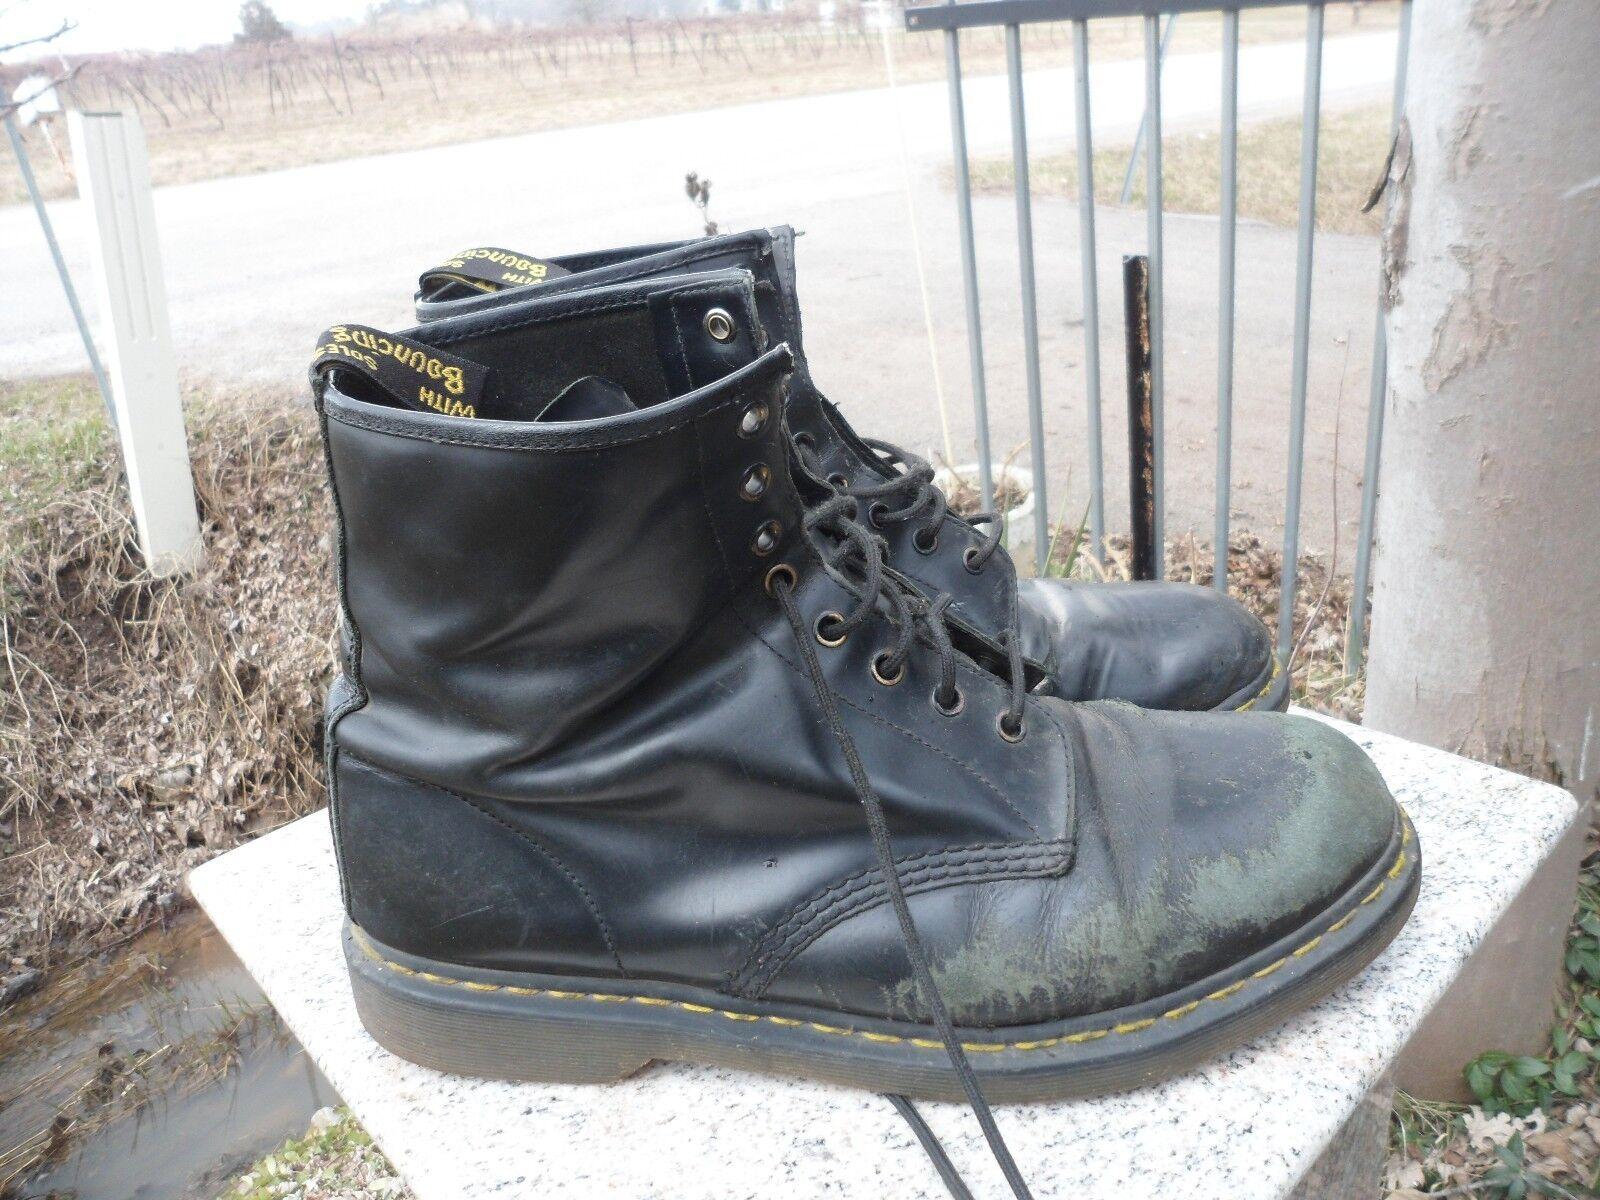 Dr Martens Men's Size Size Men's 13 Air Wair Black 8 Eye Vintage Classic Heavy Boots UK 80d1a8